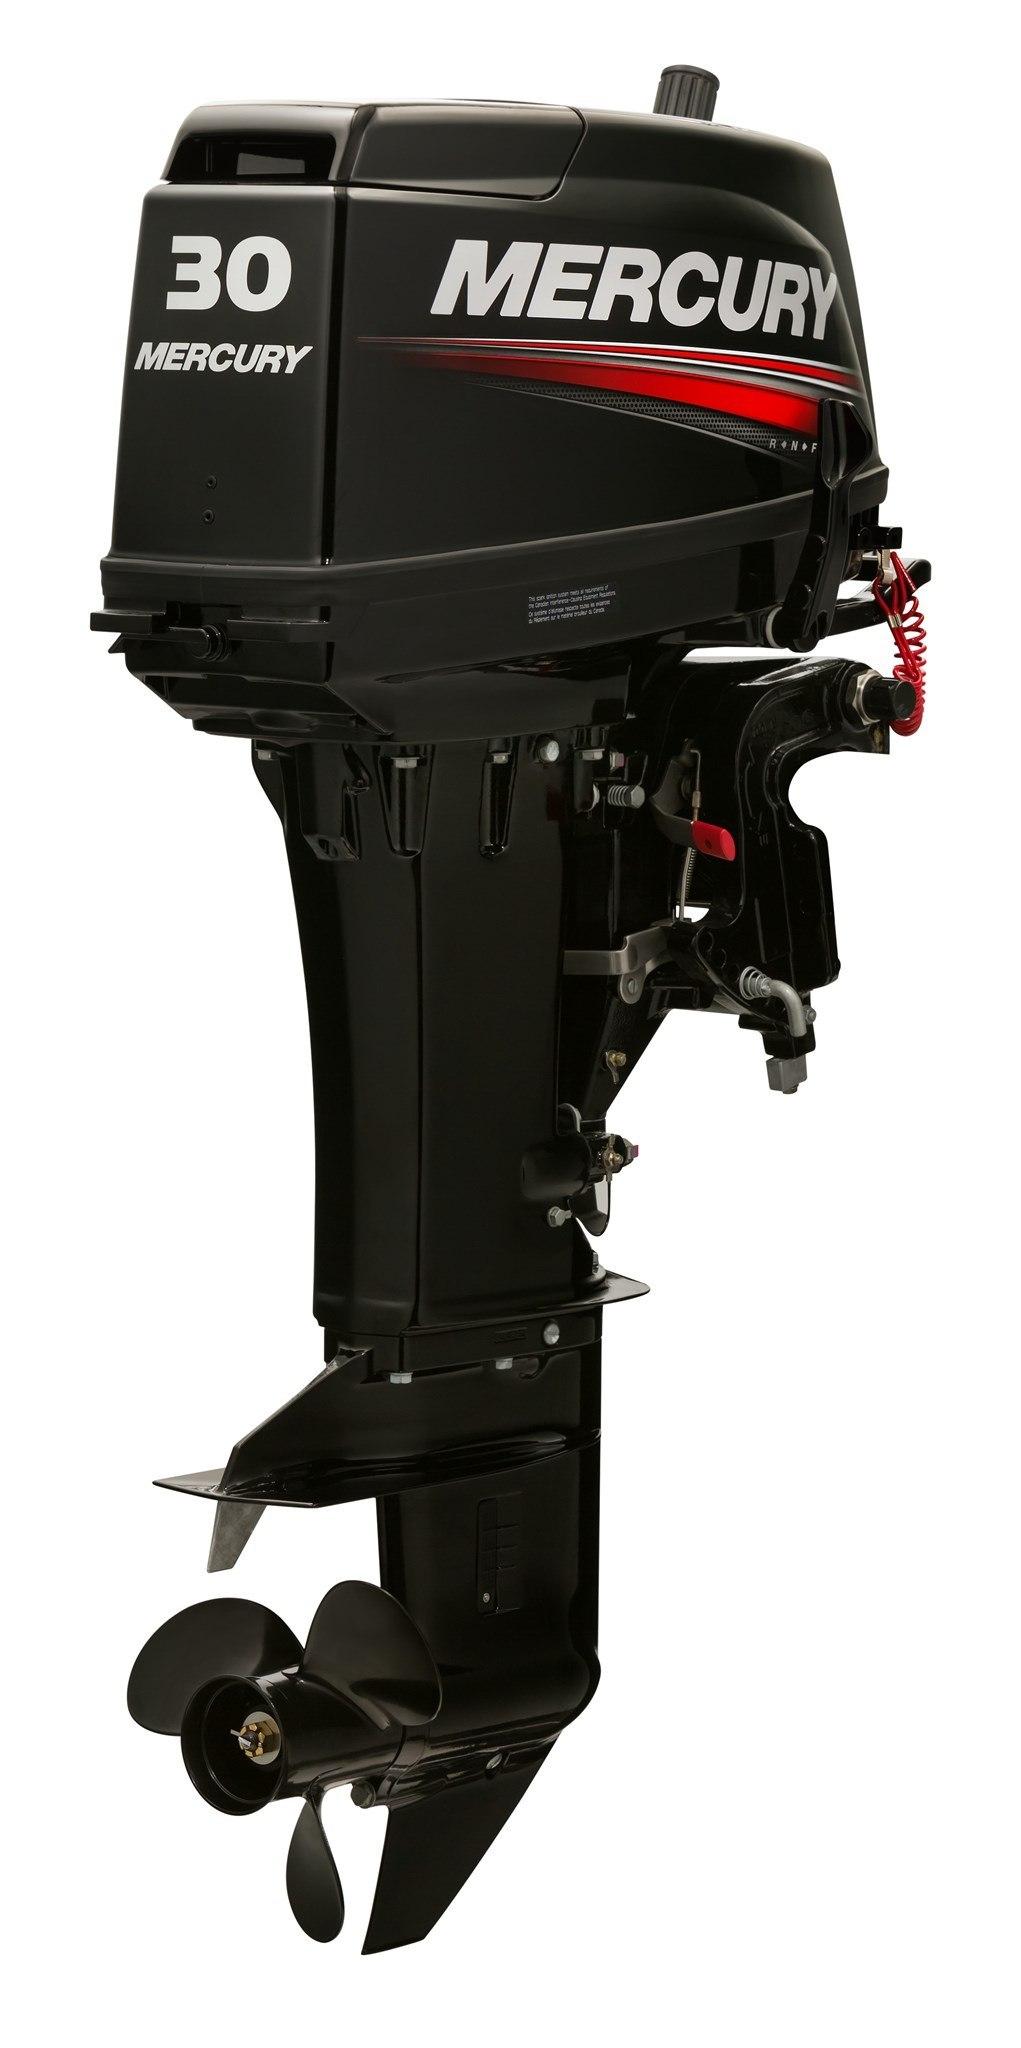 Лодочный мотор Mercury ME 30 MH